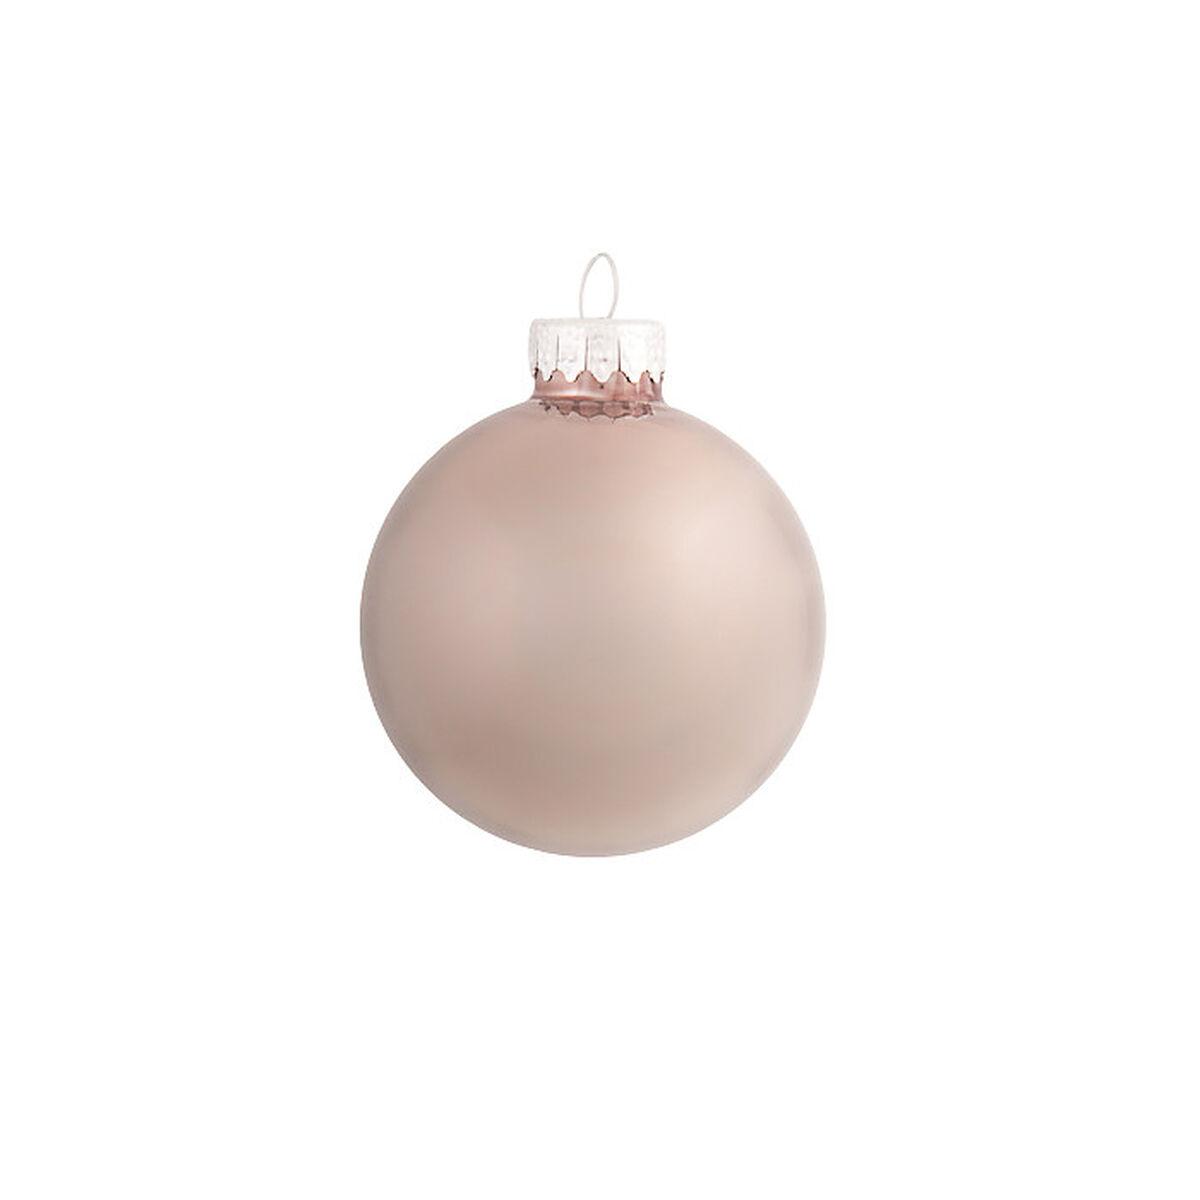 Weihnachtskugeln opal glas braun ca d 6 cm depot de for Weihnachtskugeln glas grau